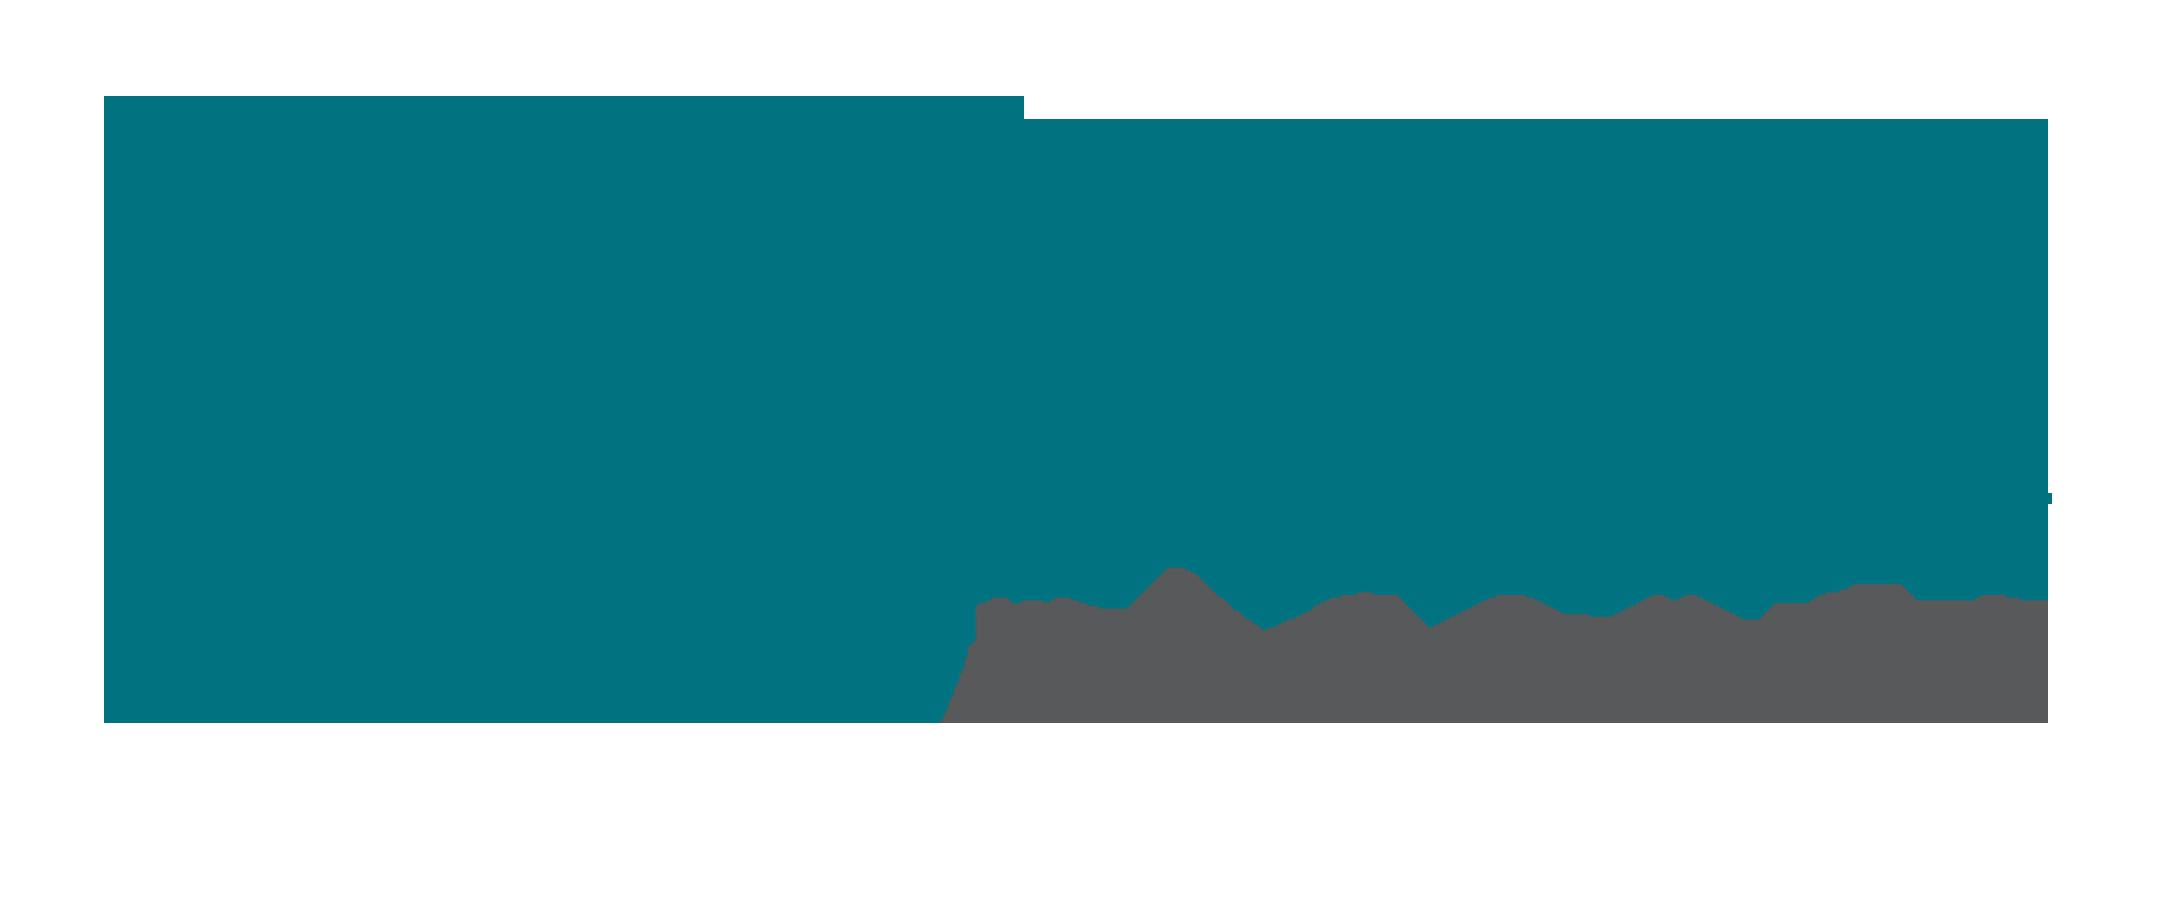 f249289e91b2 Reloj hombre malla acero multifunción Roselin Watches - Relojes